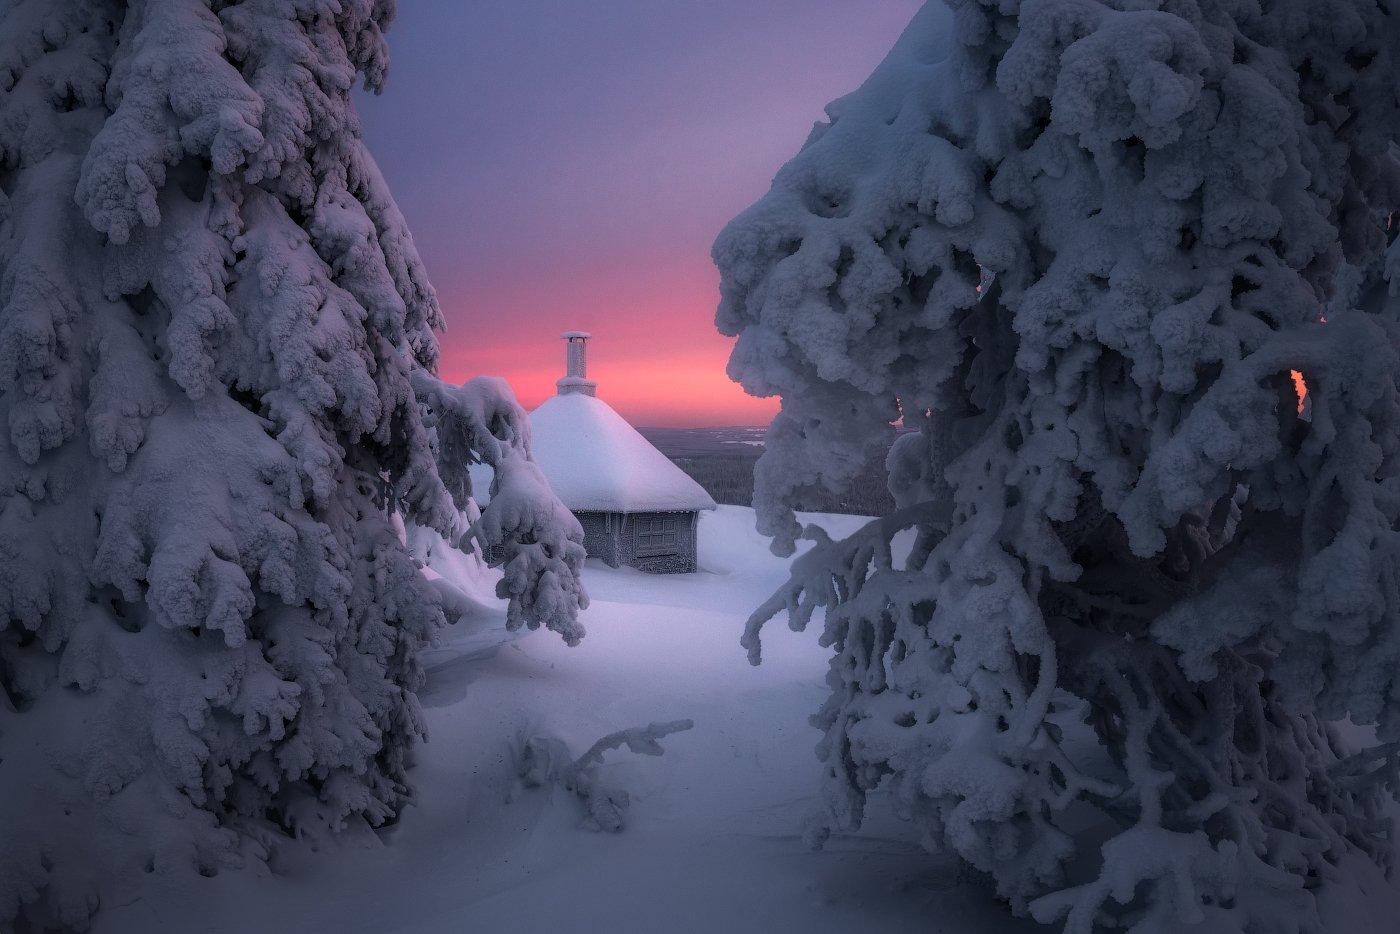 утро, снег, зима, рассвет, финляндия, Cтанислав Малых